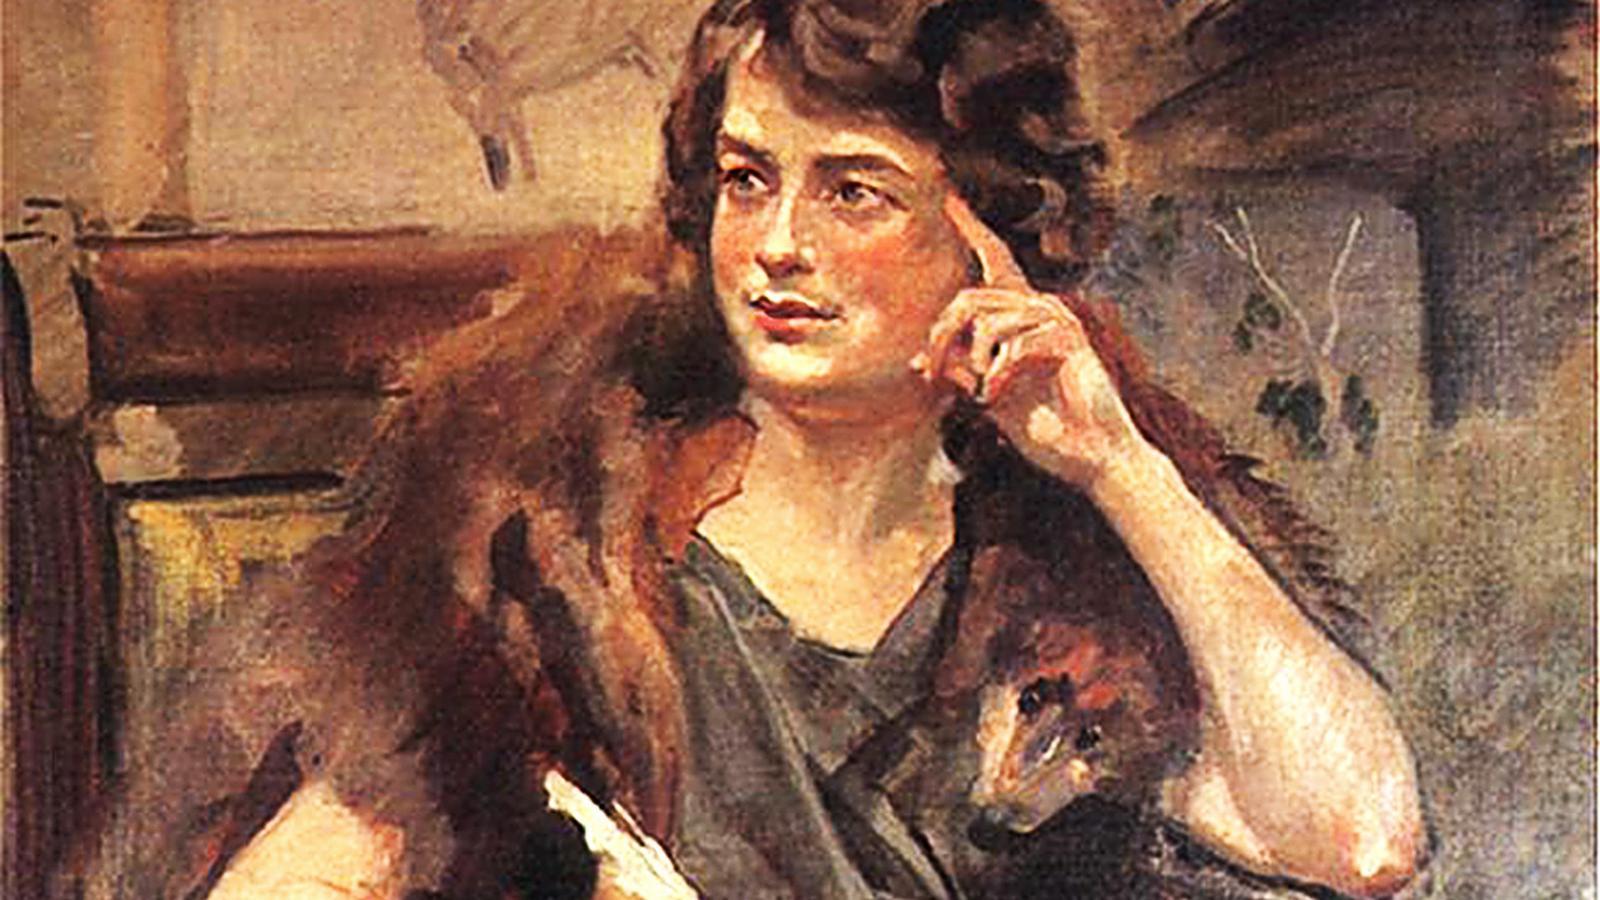 Kossakówka pamięta niejedno szaleństwo Magdaleny Samozwaniec